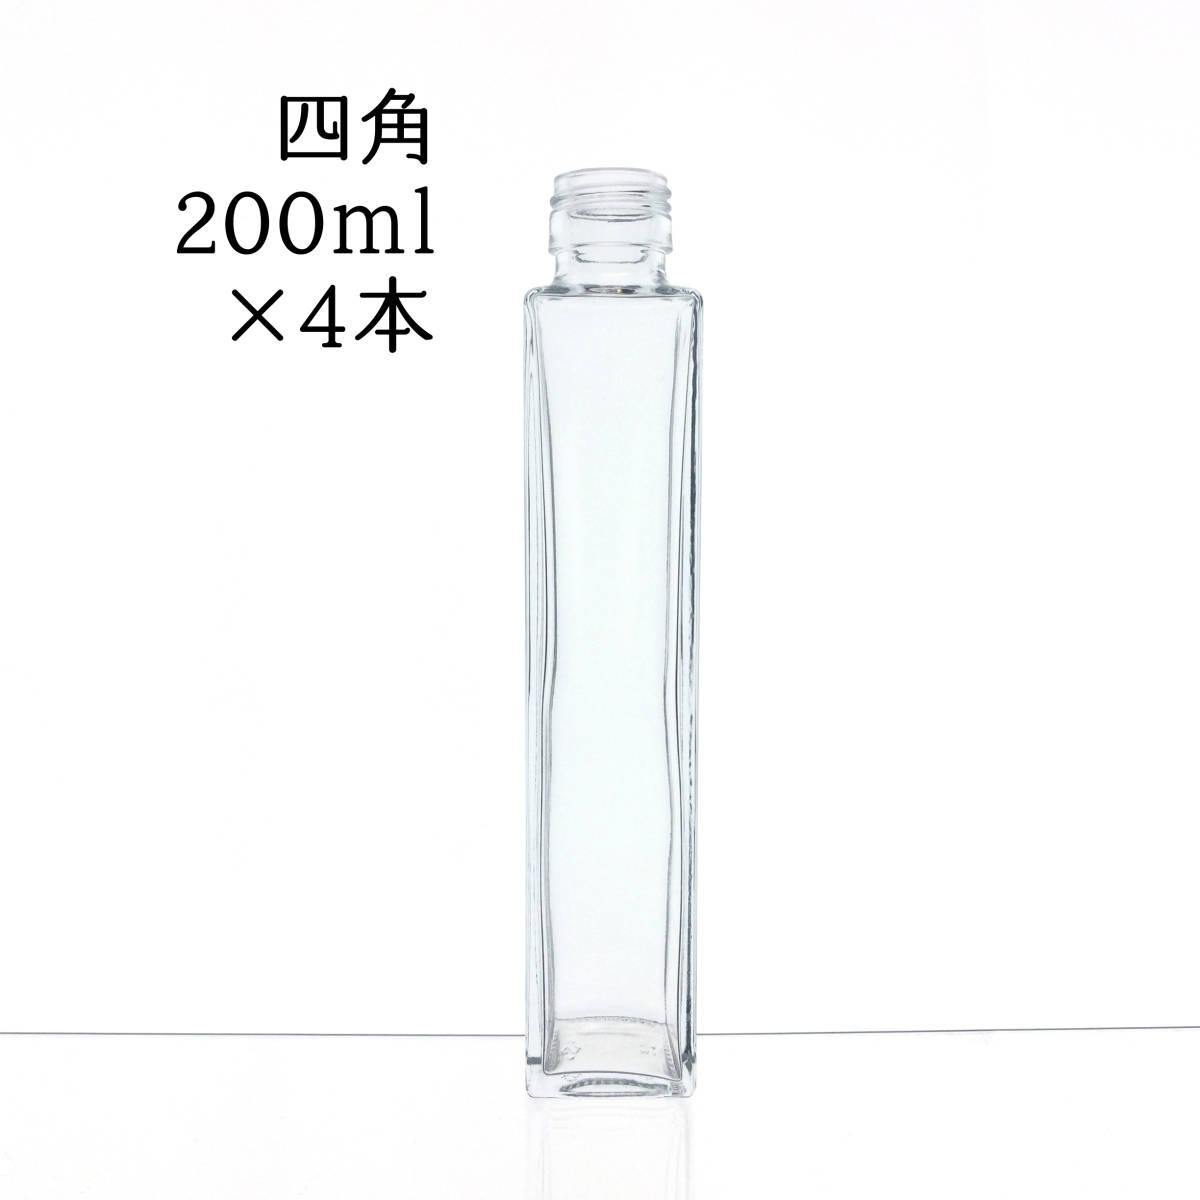 ハーバリウム瓶 四角200ml 4本 ♪♪_画像1